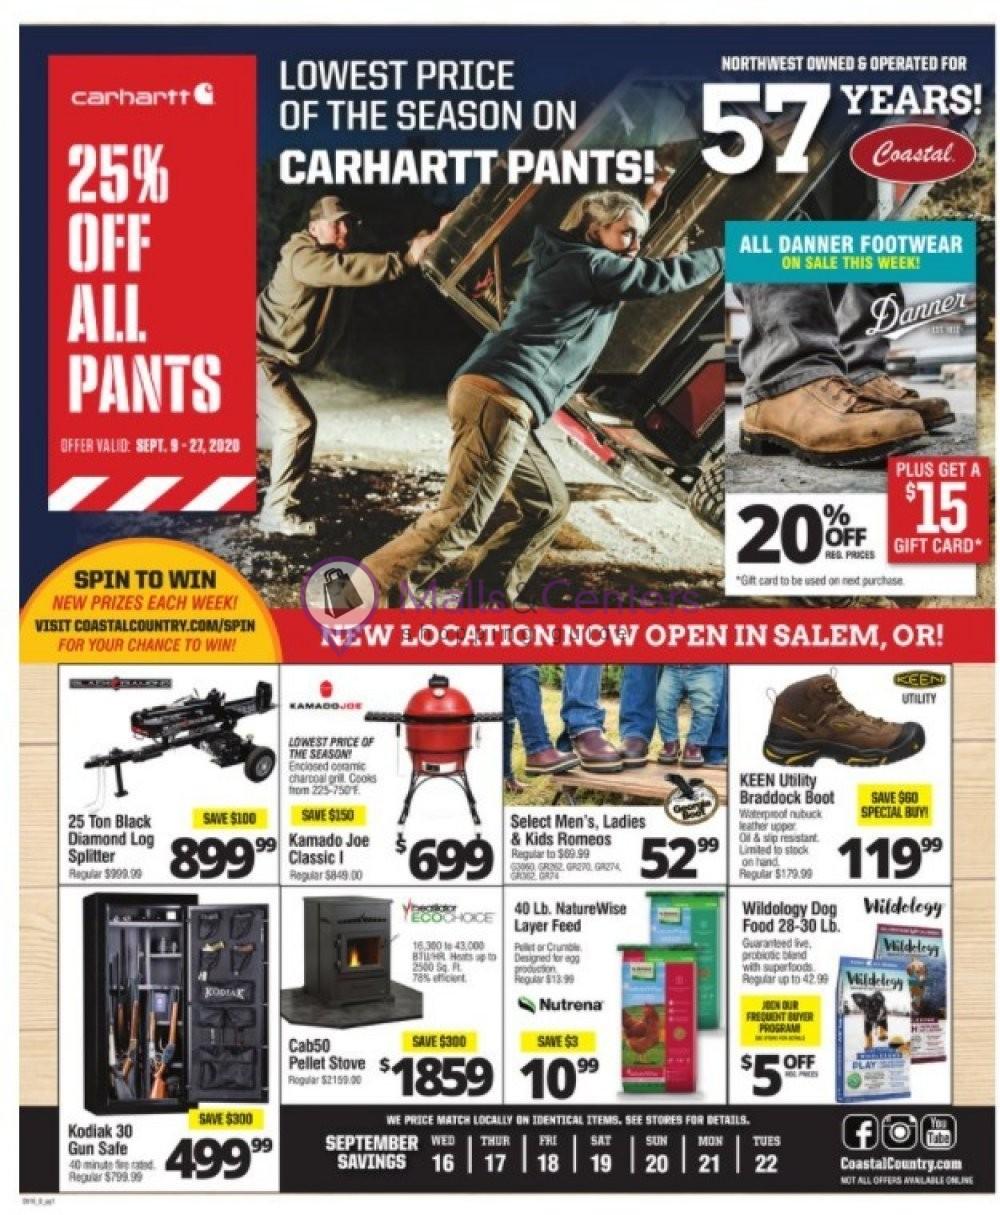 weekly ads Coastal Farm - page 1 - mallscenters.com